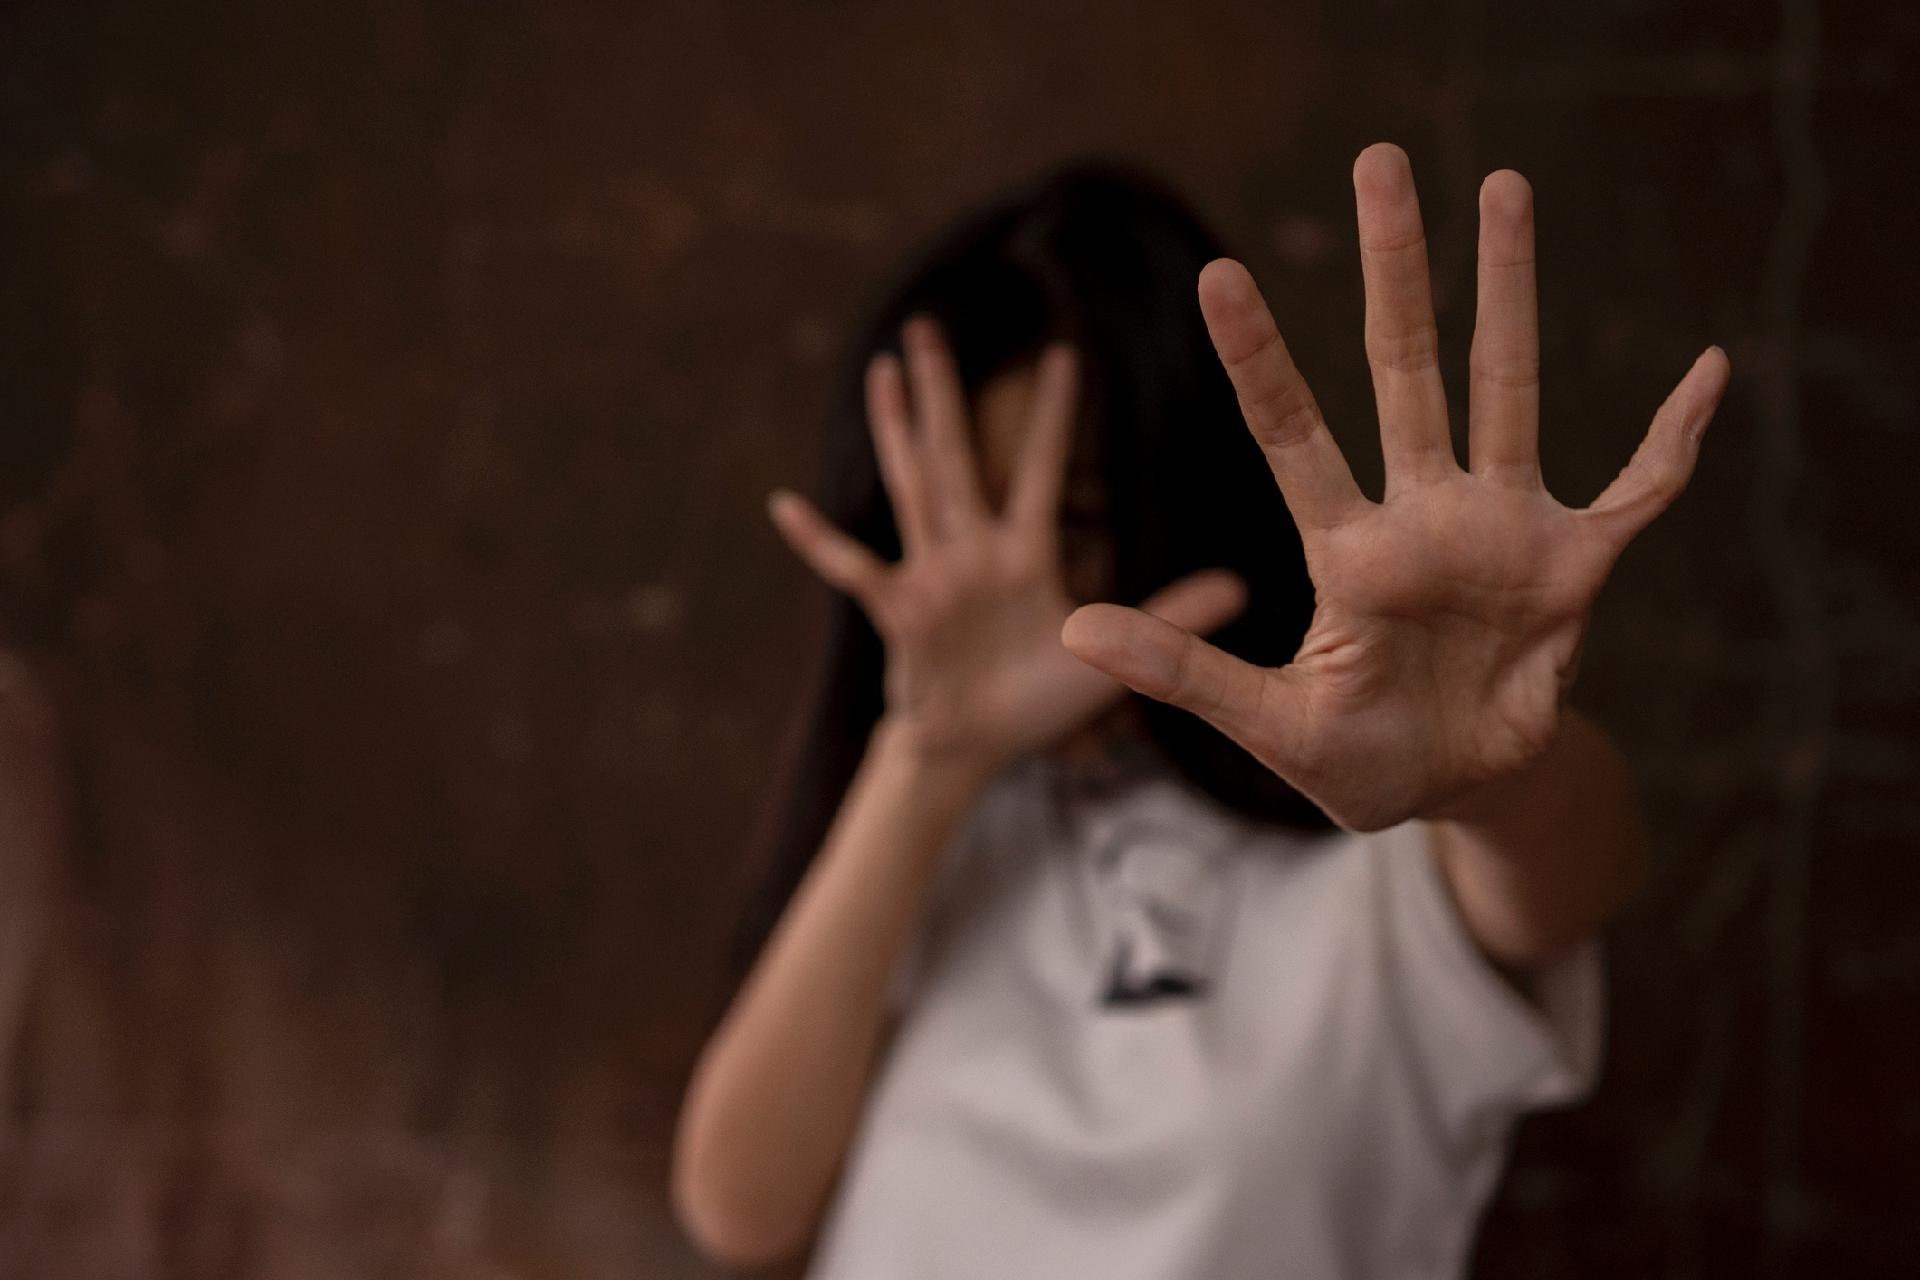 Homem é condenado a quase 200 anos de prisão por estuprar enteadas em Alfenas